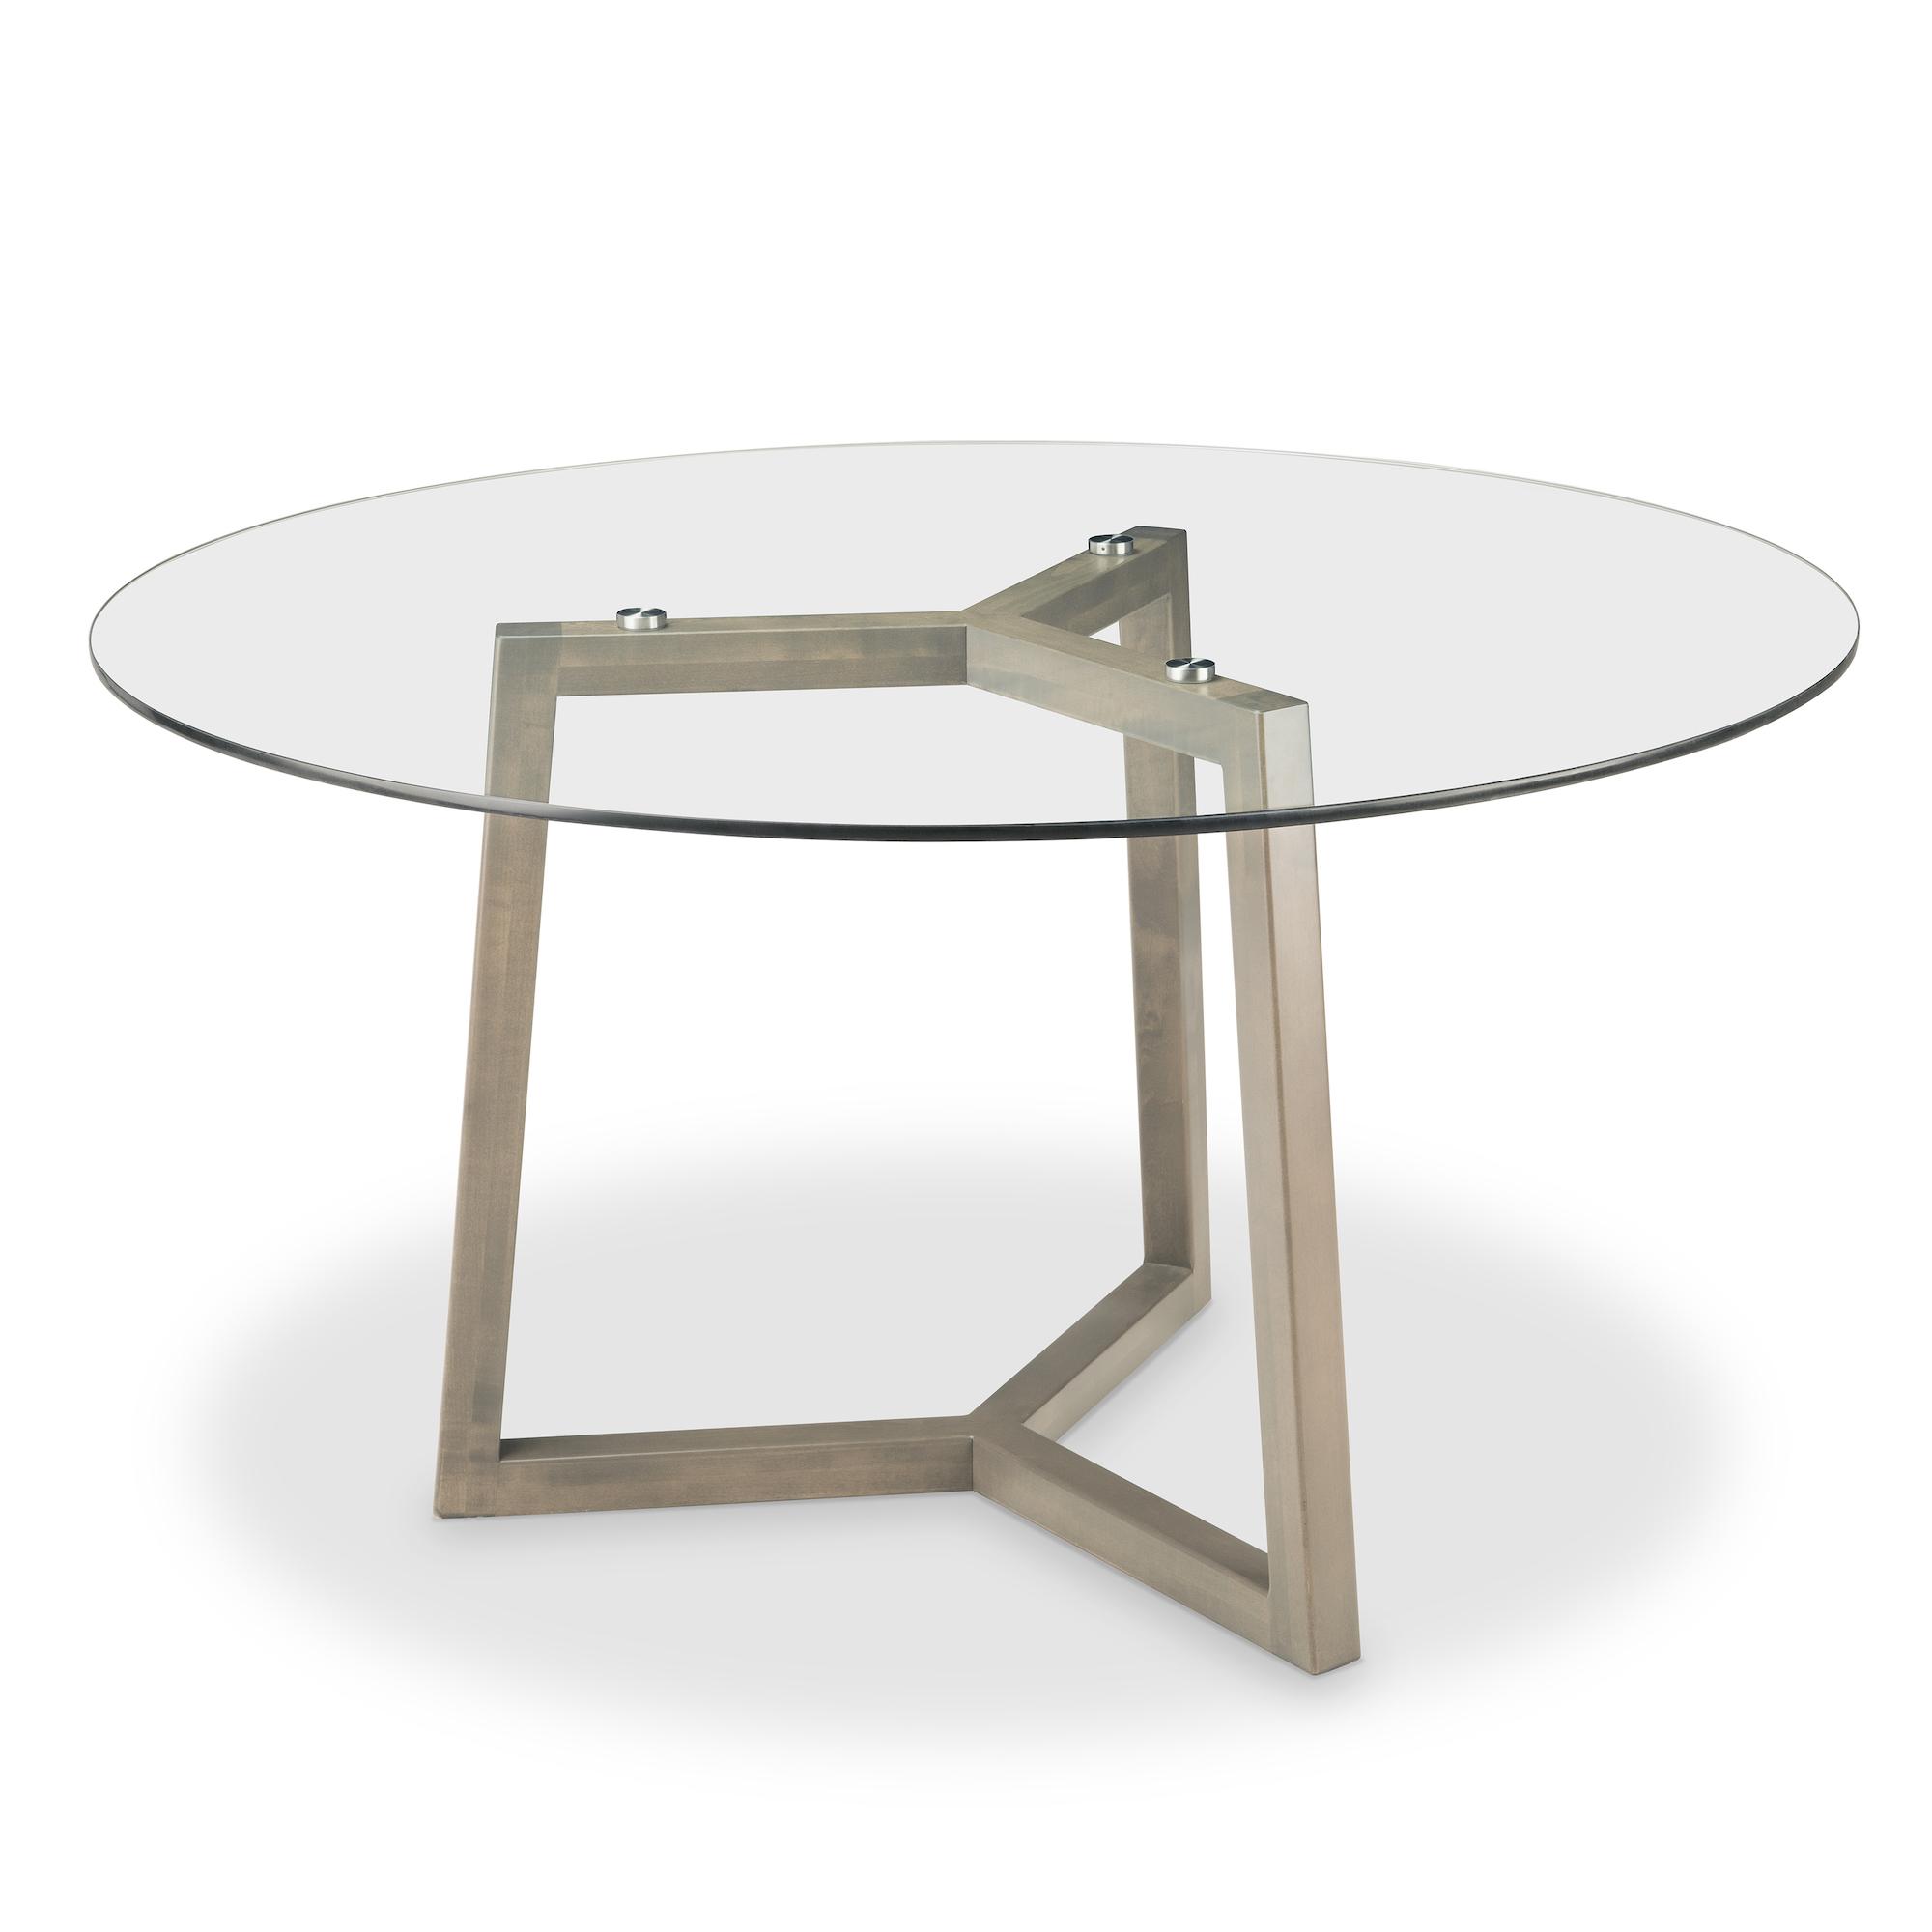 Bergen_Table-2-1-1.jpg